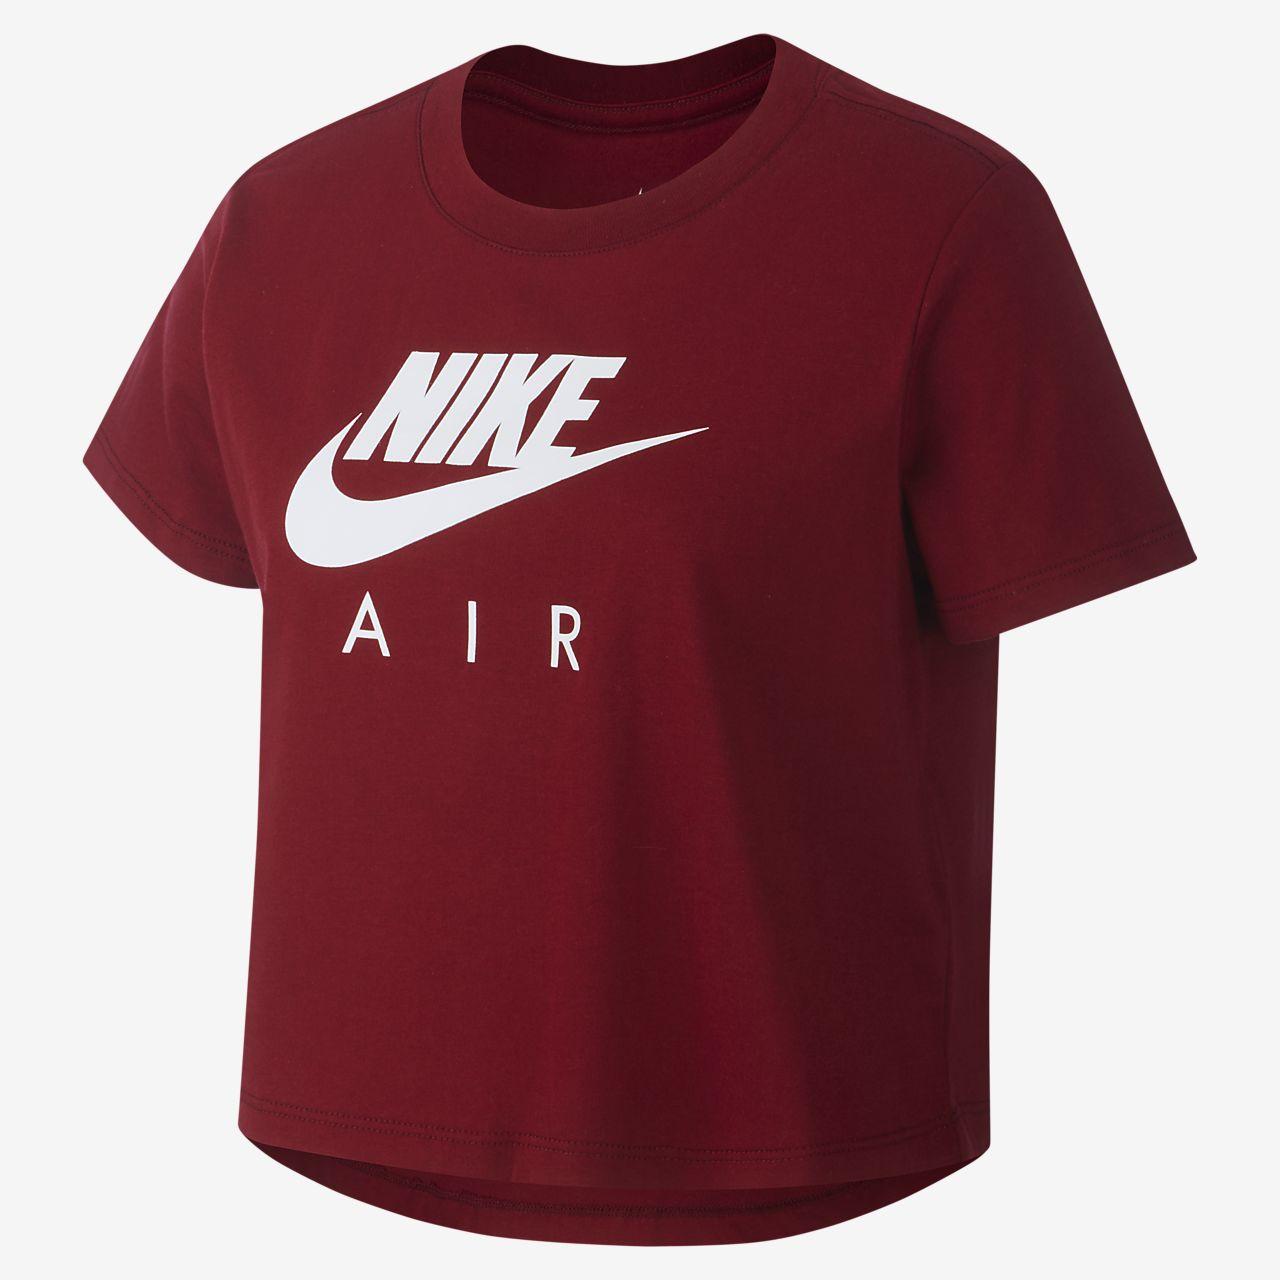 Nike Air magetopp til store barn (jente)